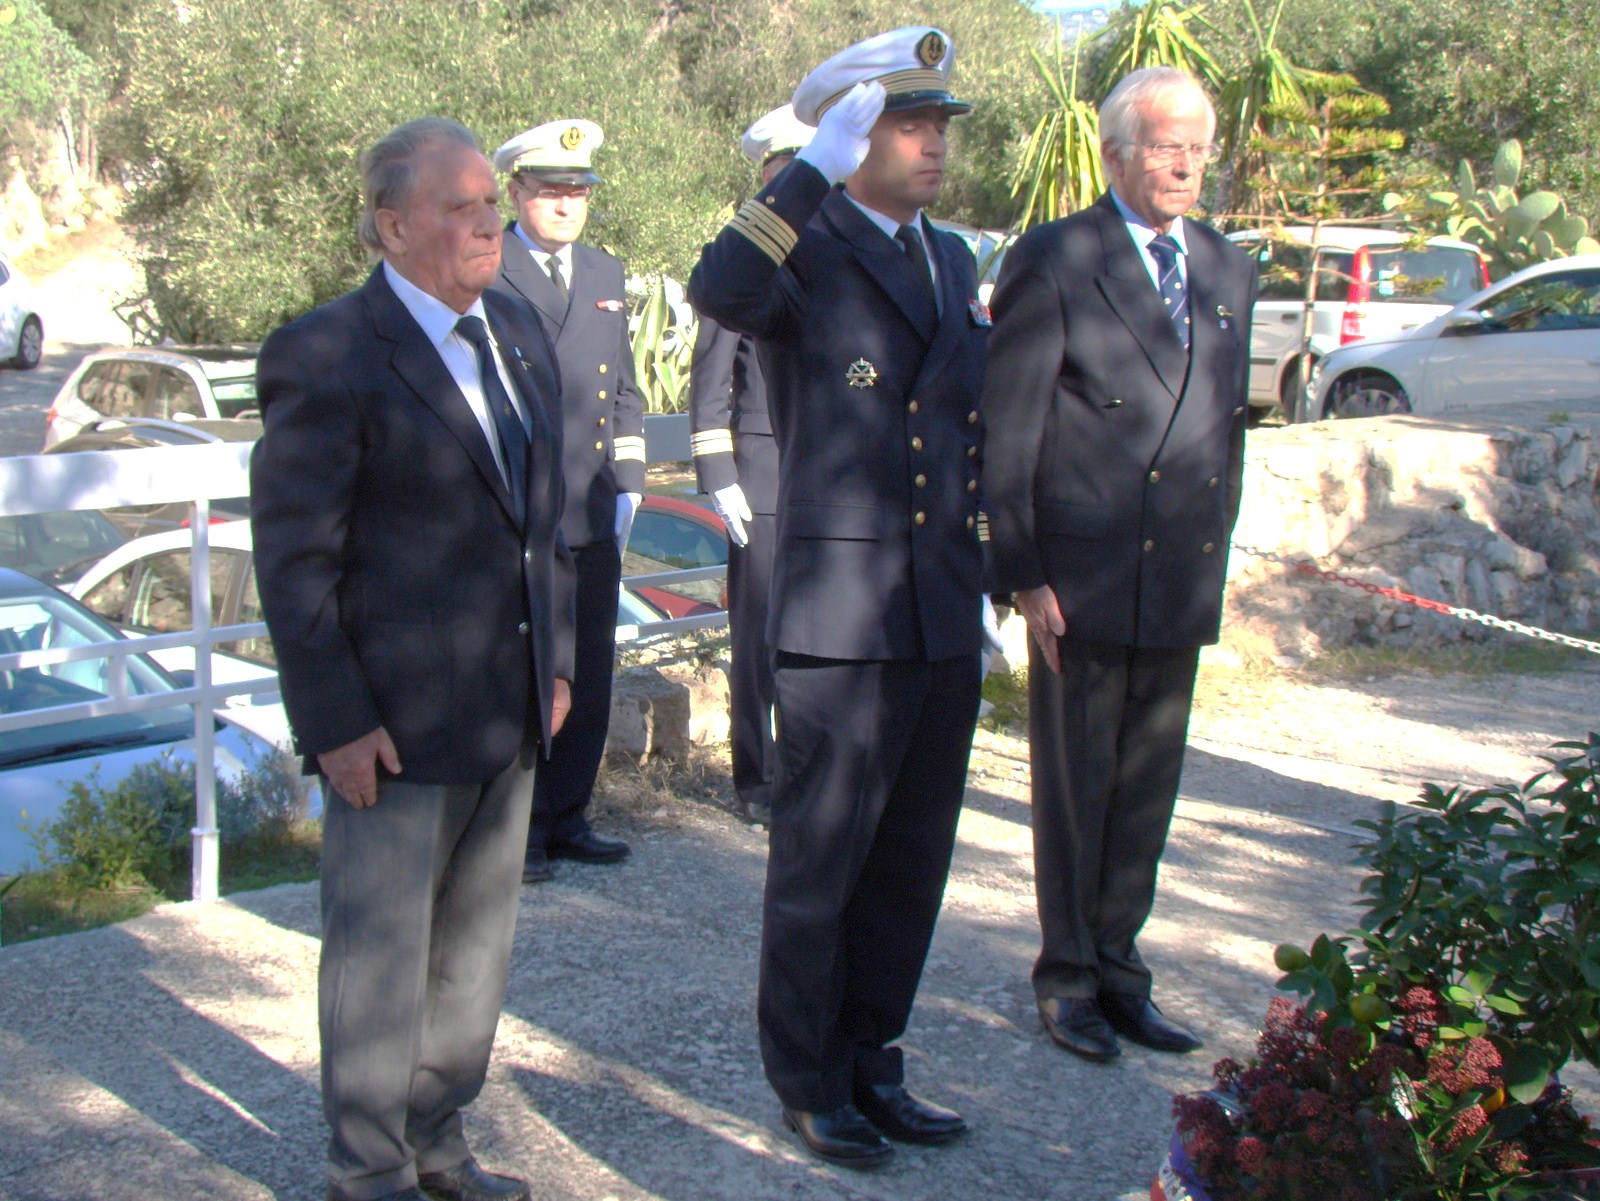 [ Associations anciens Marins ] A.G.A.S.M. Nice Côte d'Azur sect. SM Pégase - Page 6 975529DSC04707